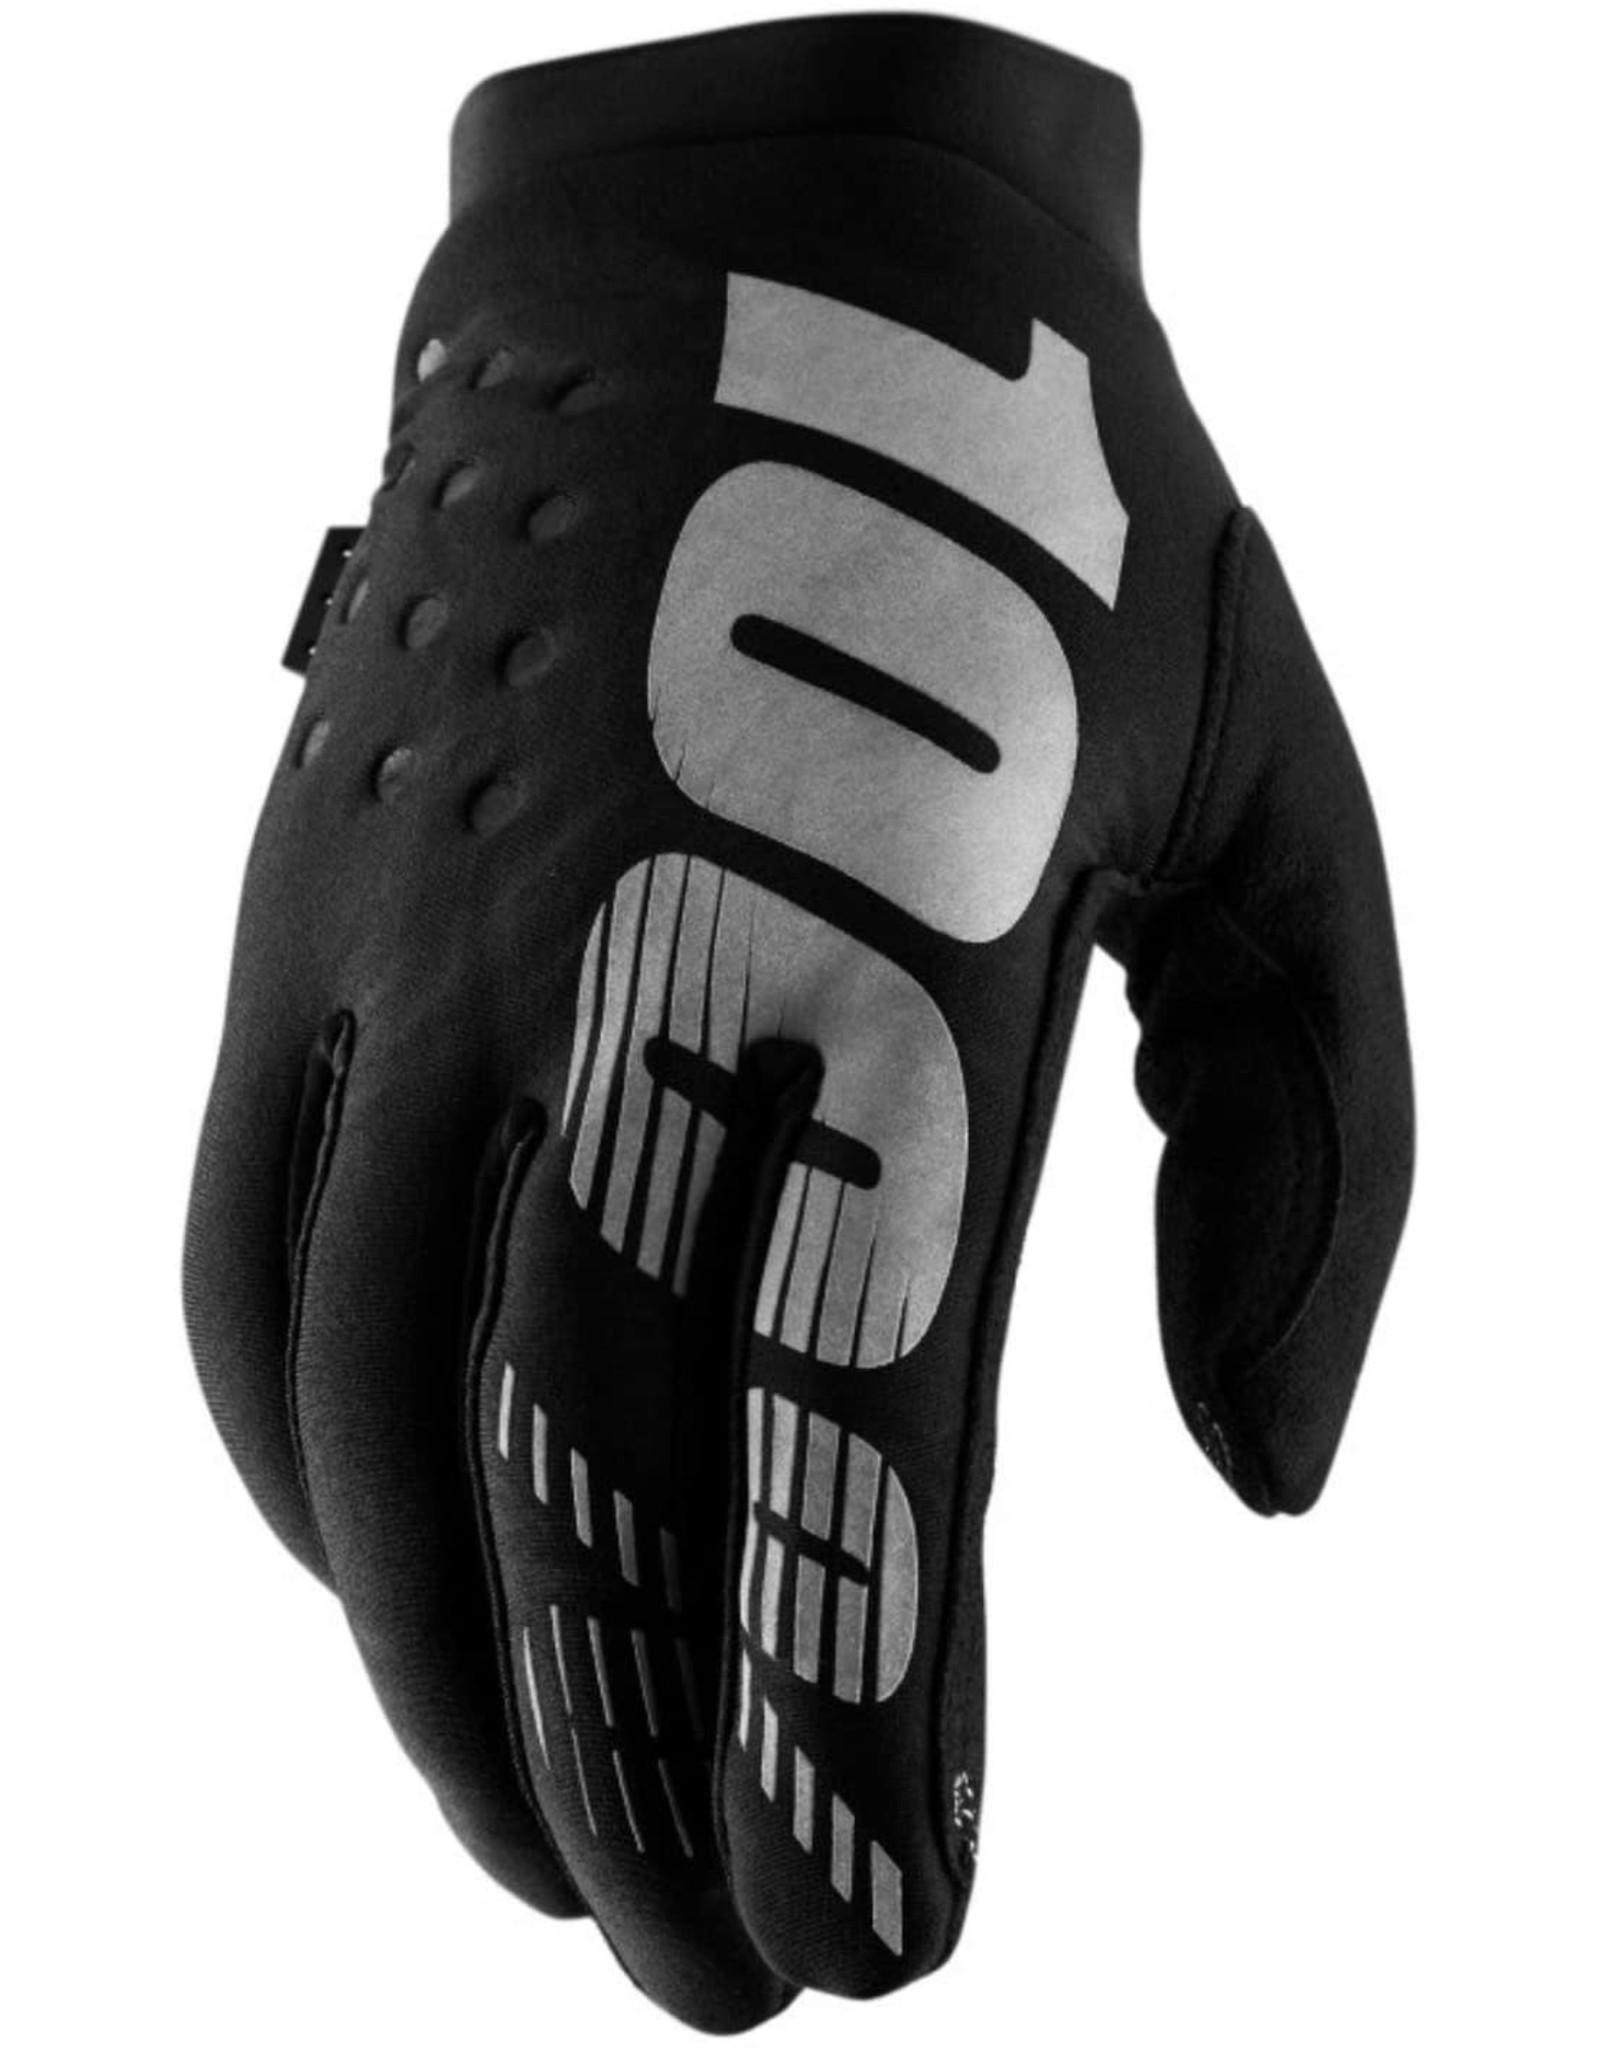 100% 100% - BRISKER  Glove Black/Grey XL